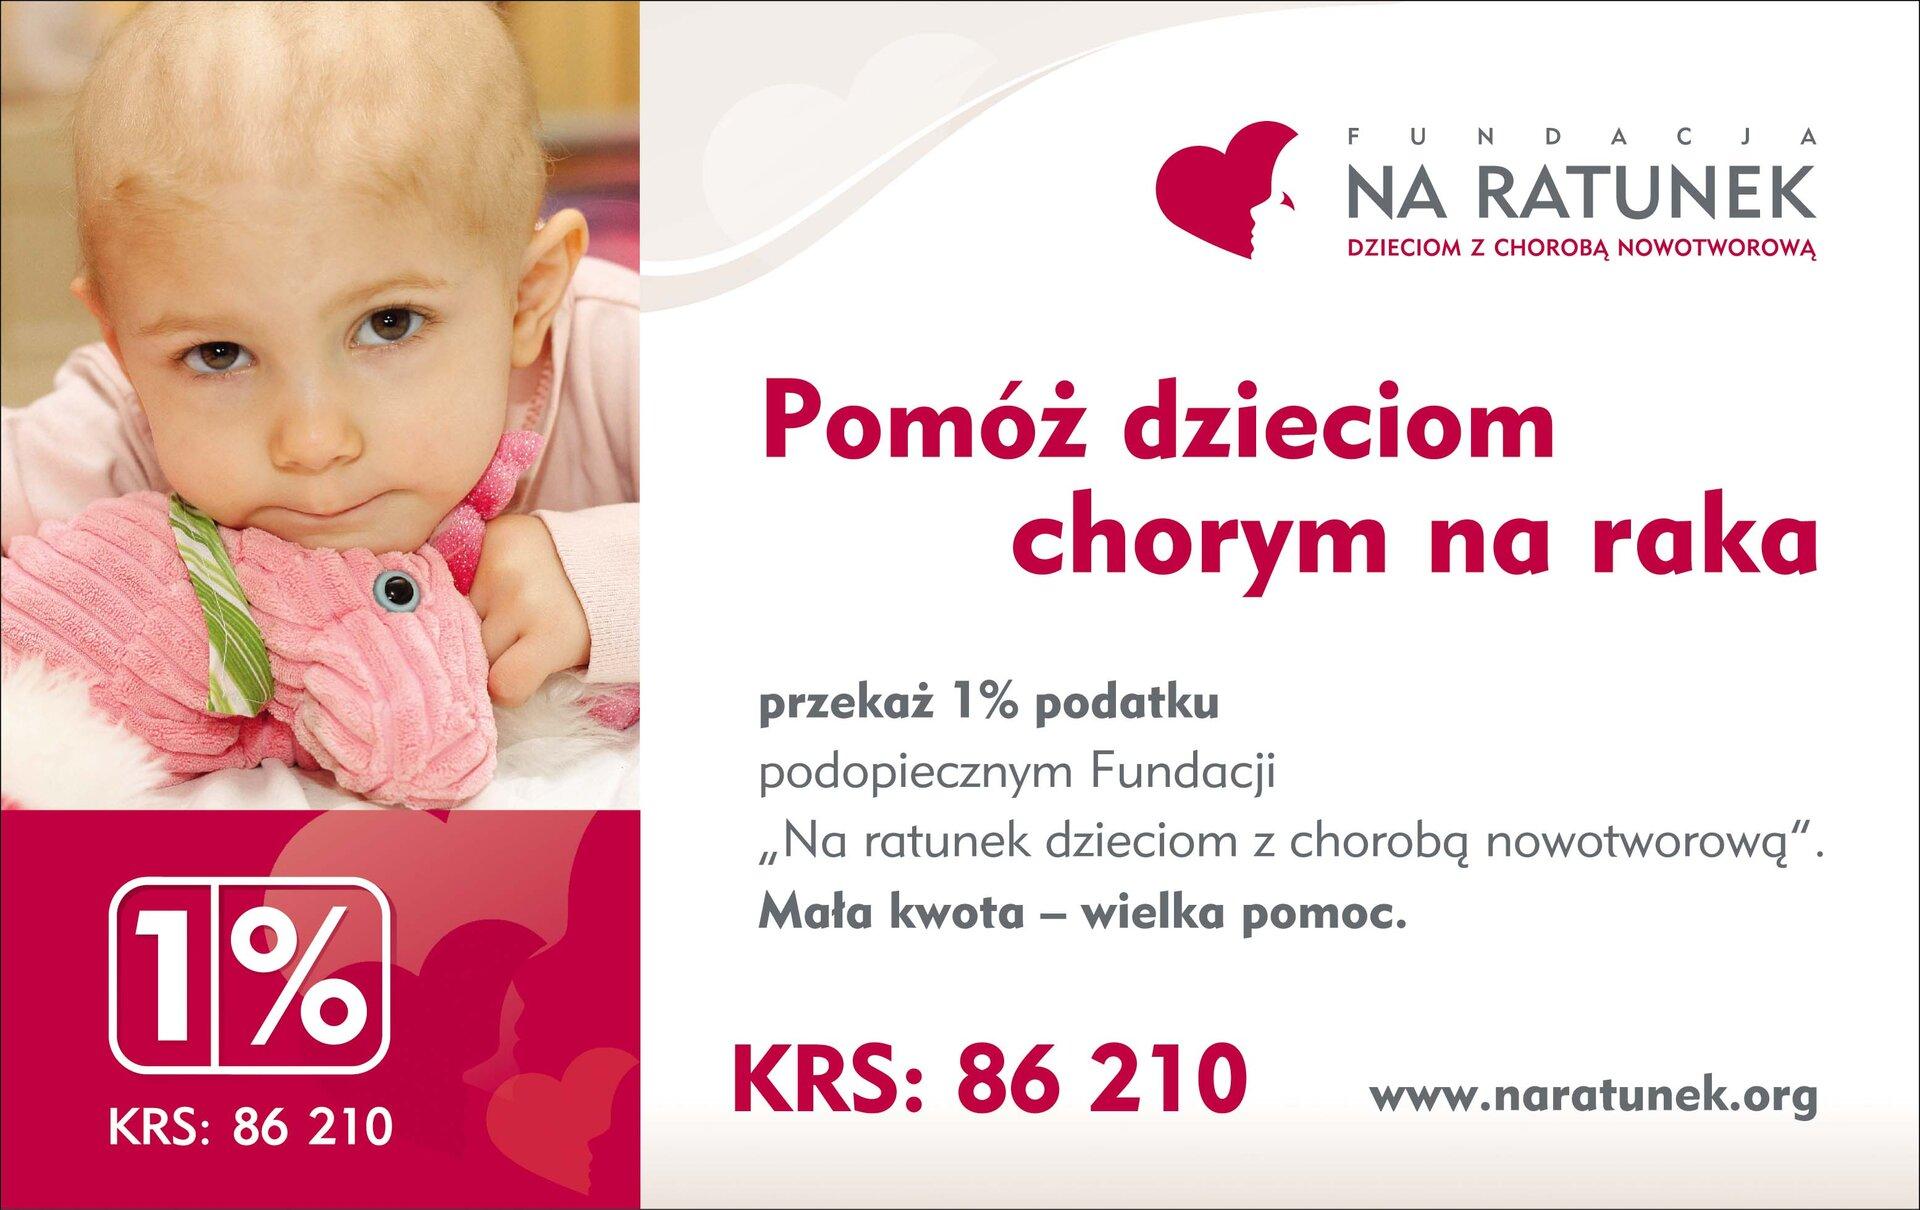 """Plakat Fundacji Na ratunek dzieciom zchorobą nowotworową. Znajduje się na nim fotografia dziecka, apod nią numer krs fundacji. Obok widnieje logotyp fundacji ijej hasło: Pomóż dzieciom chorym na raka. Poniżej znajduje się tekst: przekaż jeden procent podopiecznym Fundacji """"Na ratunek dzieciom zchorobą nowotworową"""". Mała kwota – wielka pomoc. Poniżej jest powtórzony numerr KRS oraz adres strony internetowej fundacji."""